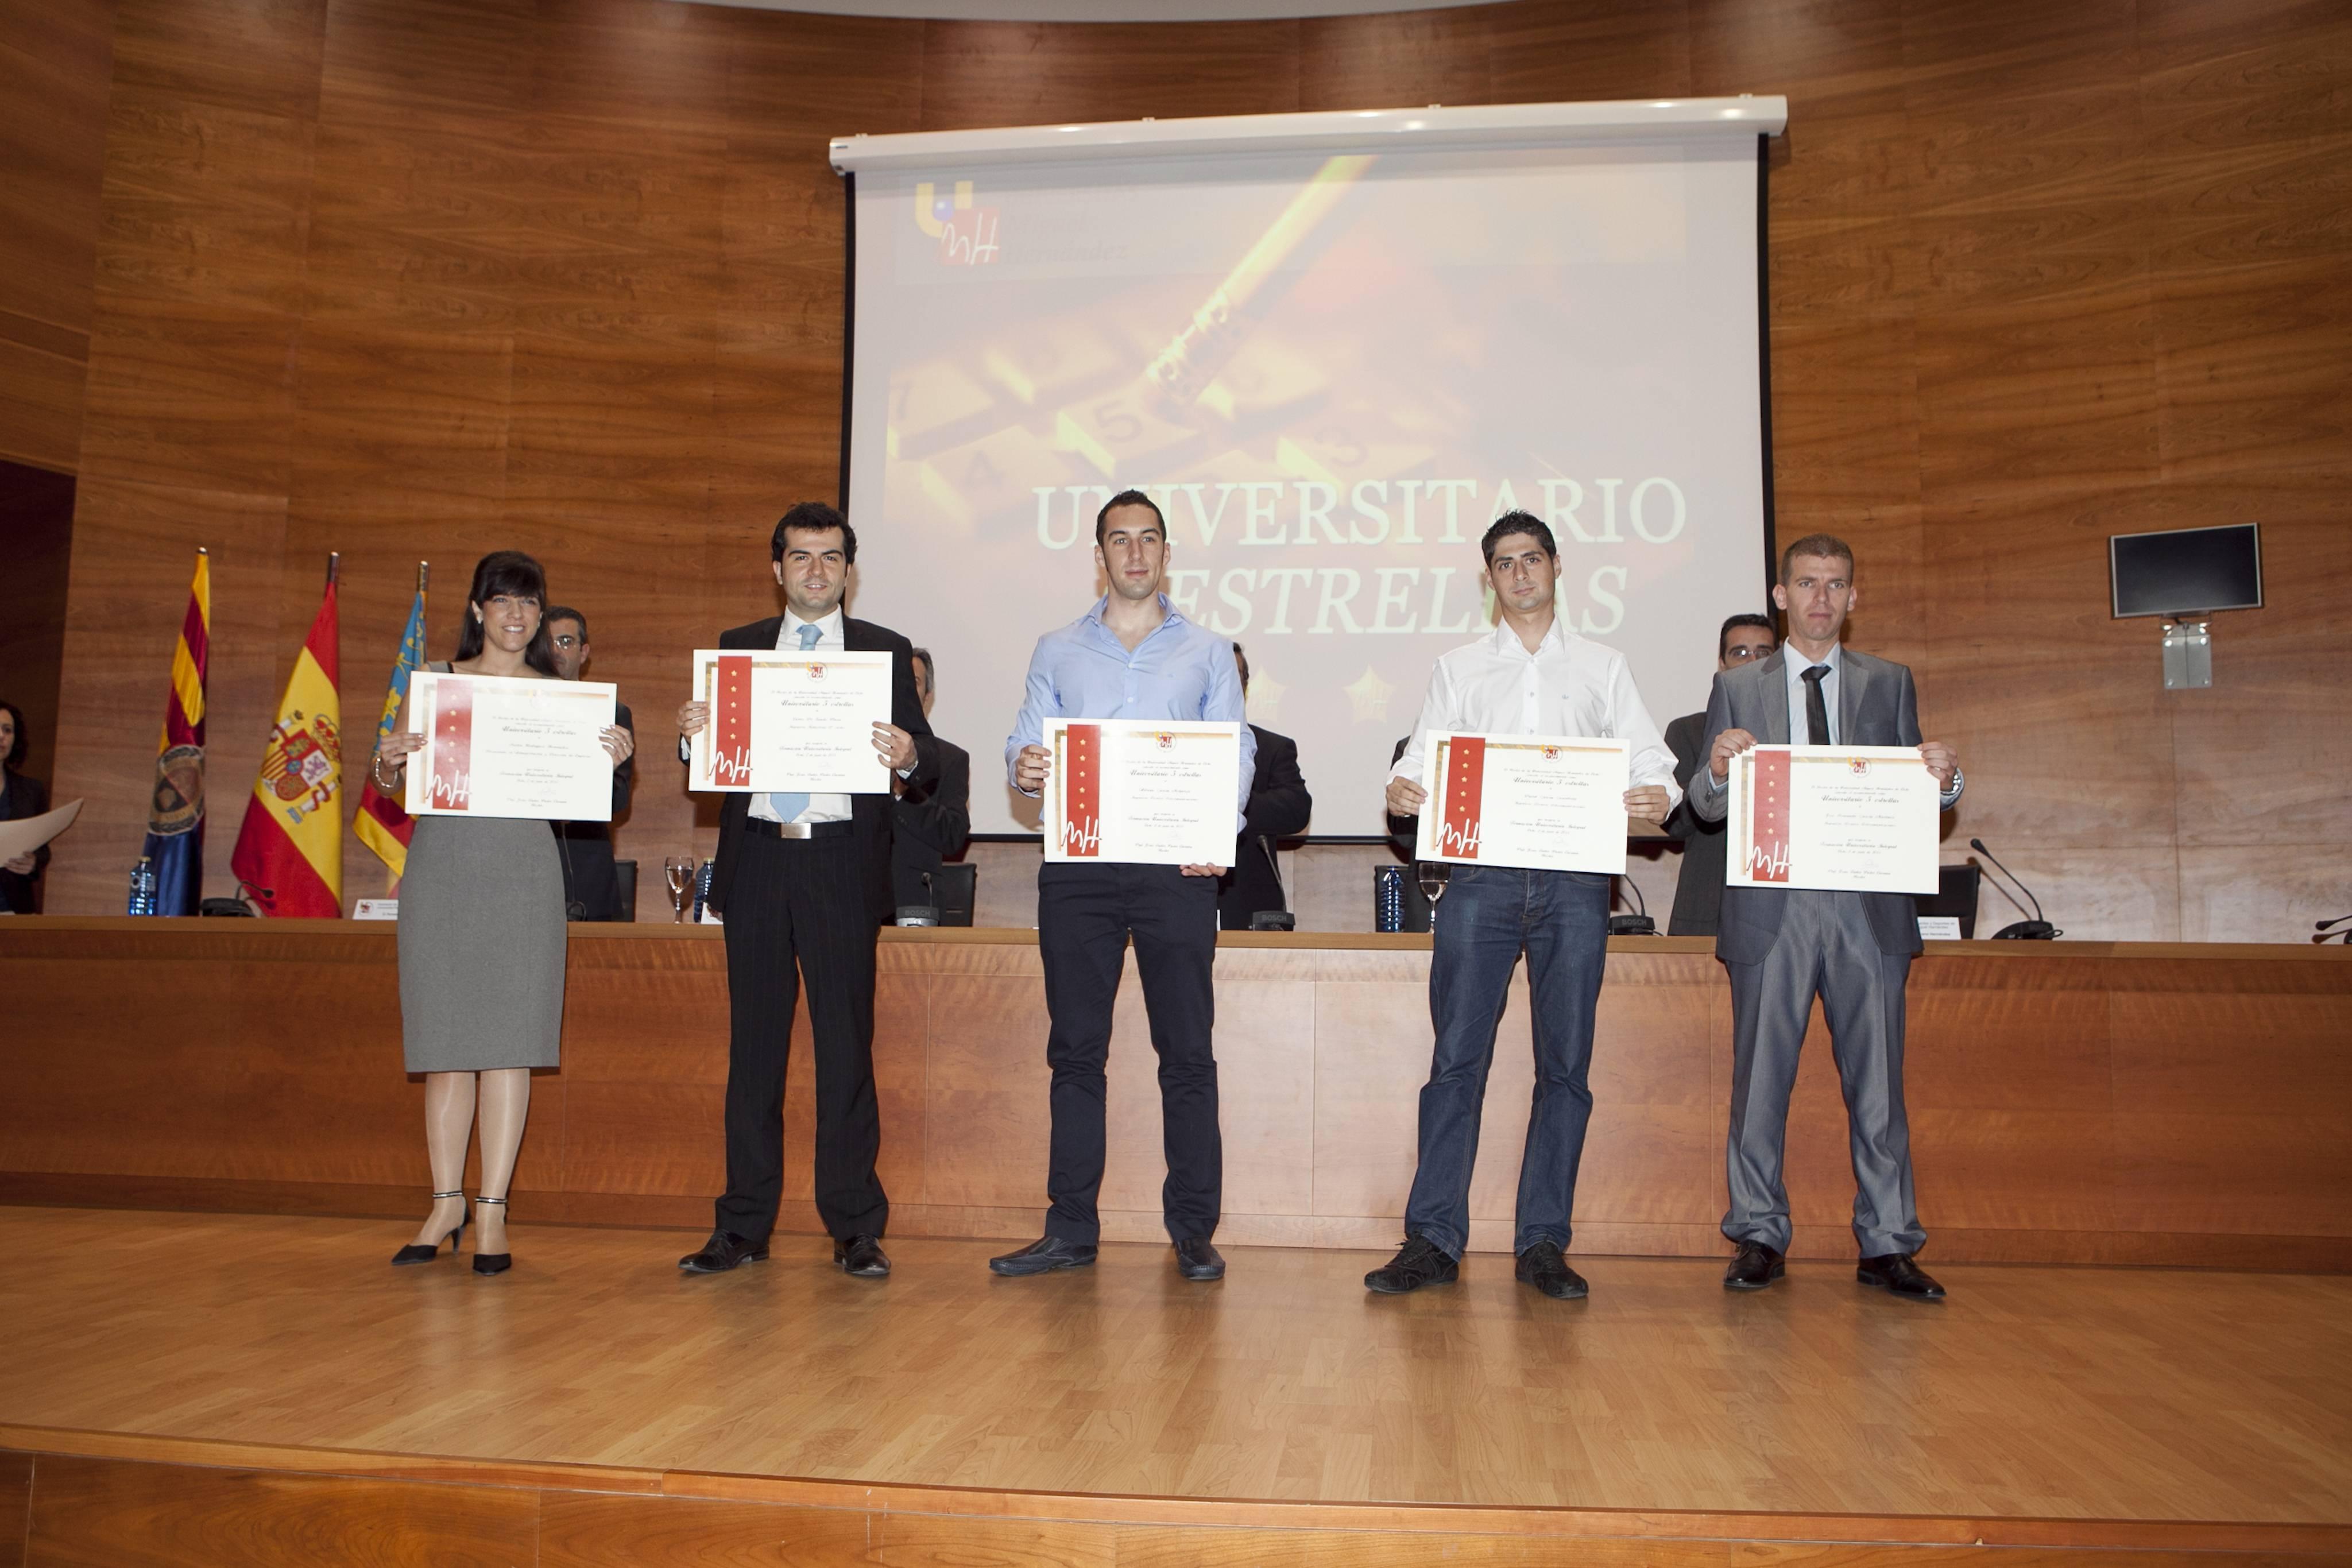 premios-5-estrellas_mg_0566.jpg